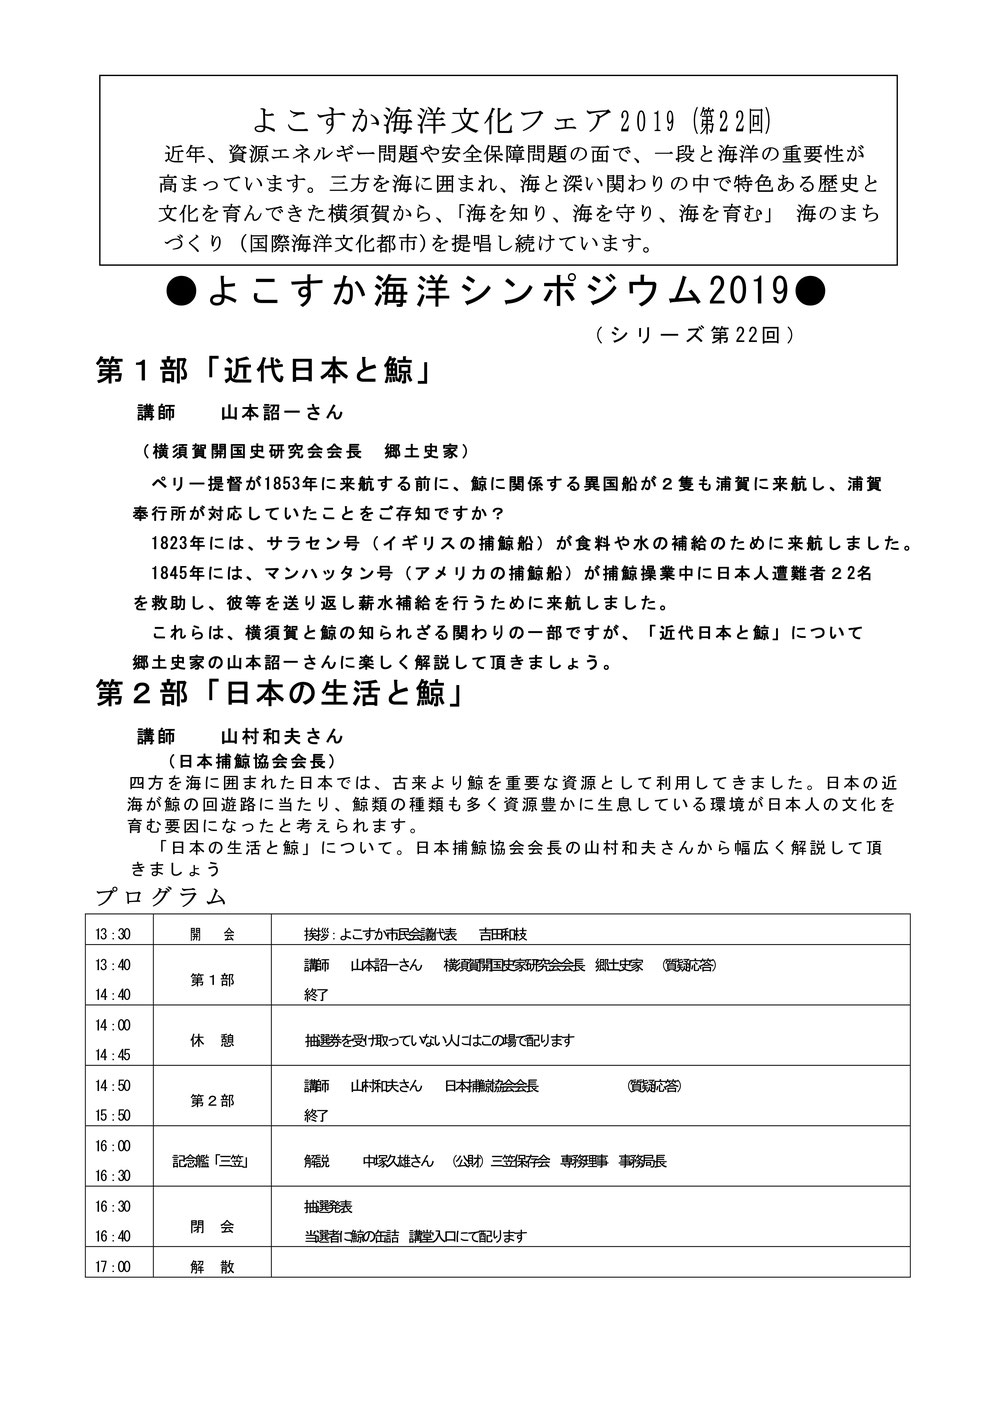 海洋シンポジウム2019 プログラム2ページ目